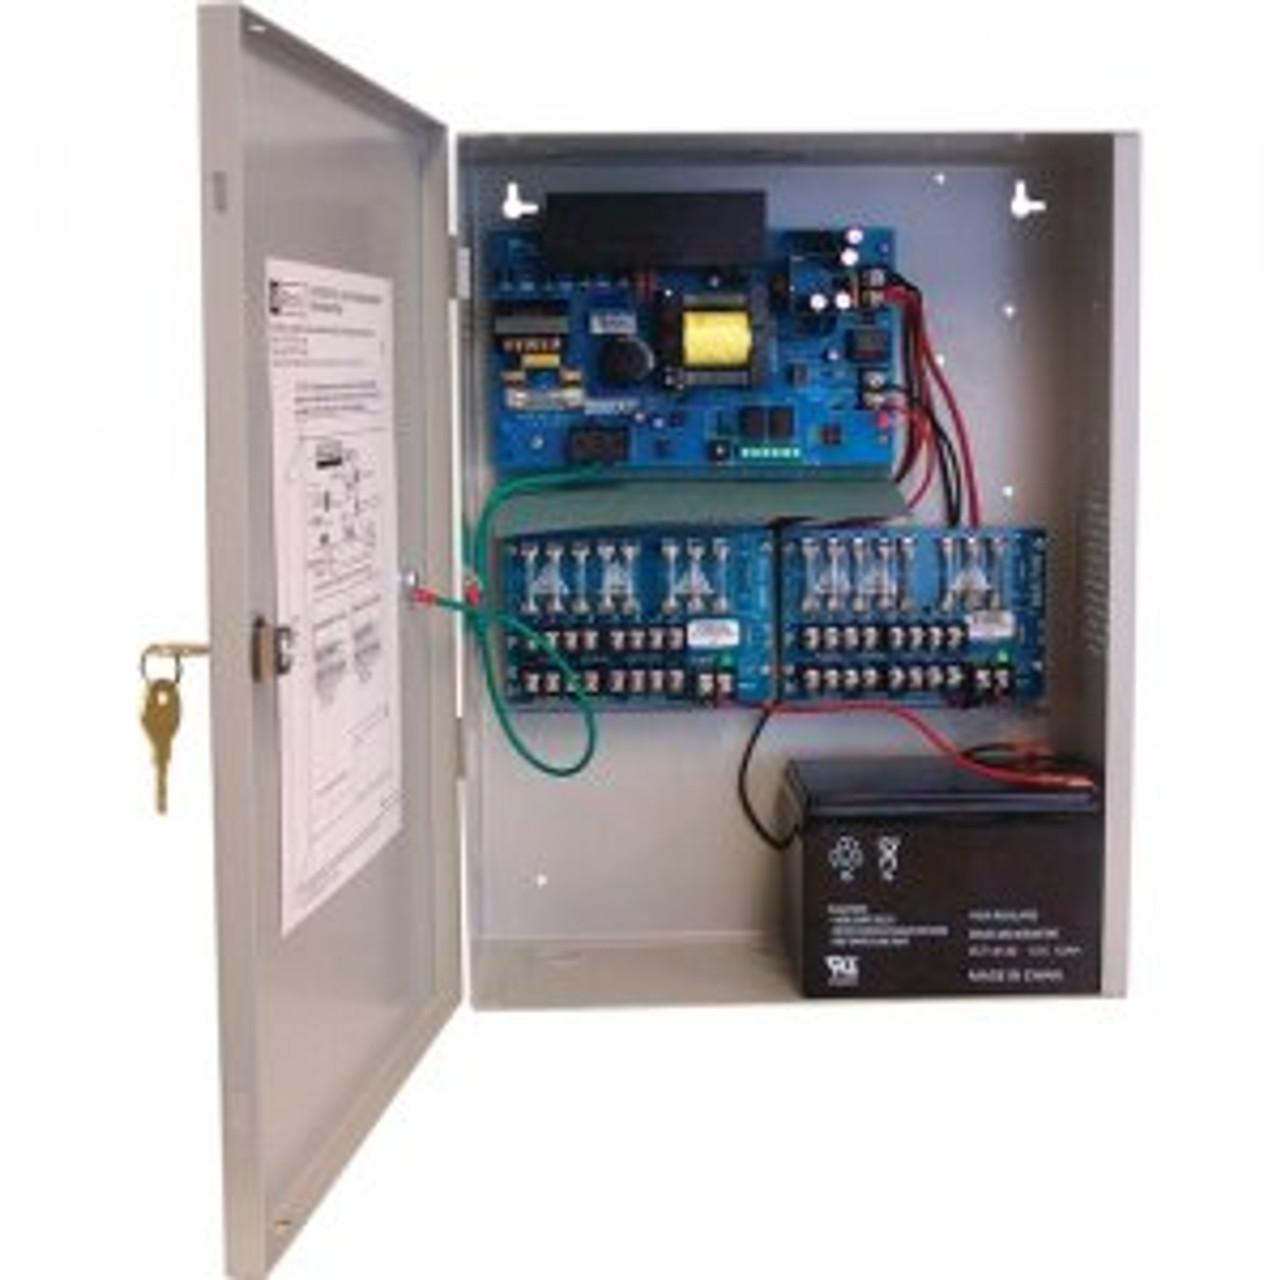 altronix relays wiring diagrams altronix al1012ulacm8 power supply  altronix al1012ulacm8 power supply